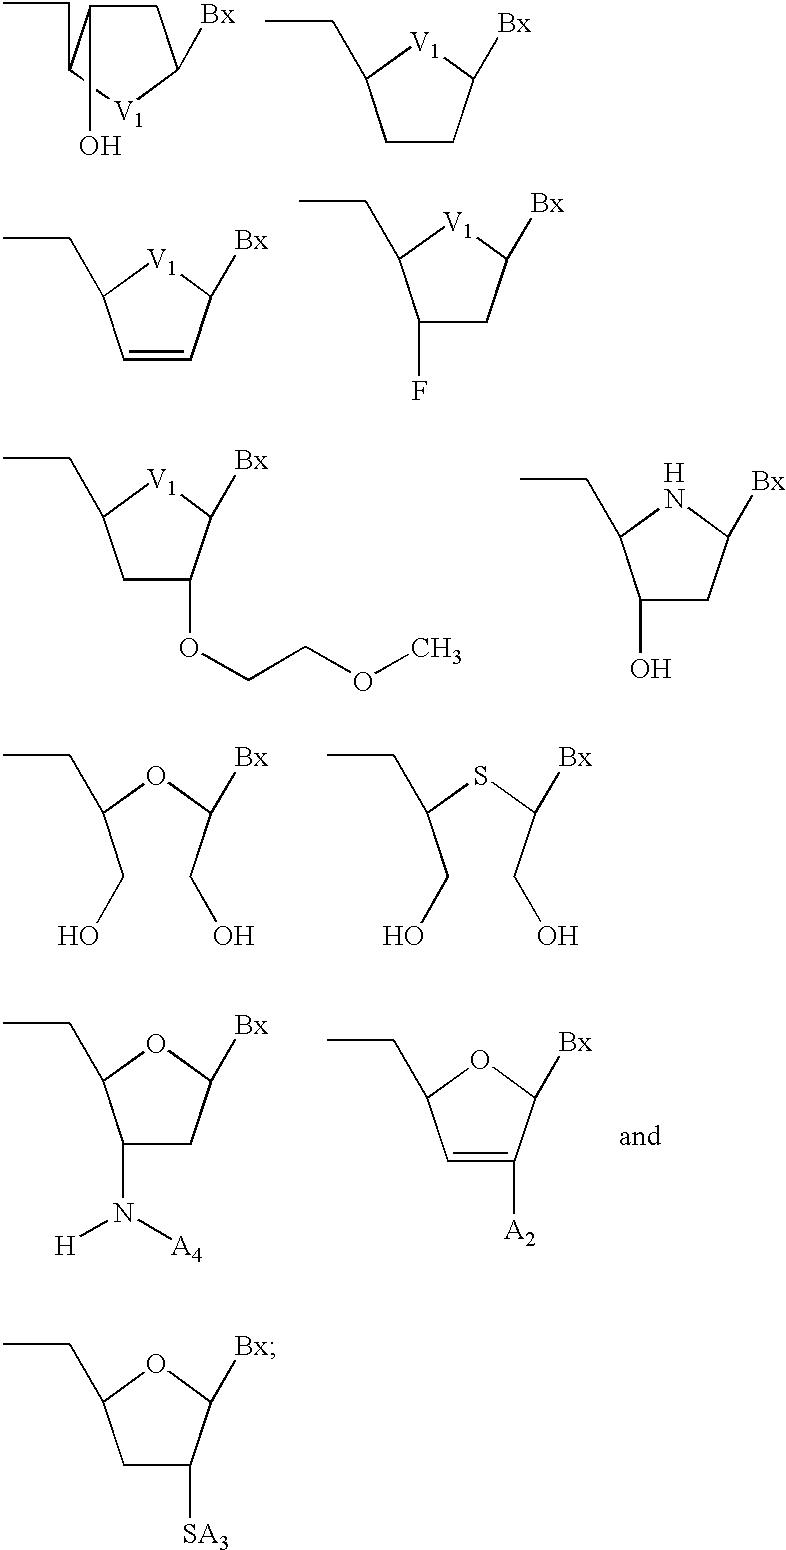 Figure US20030158403A1-20030821-C00072